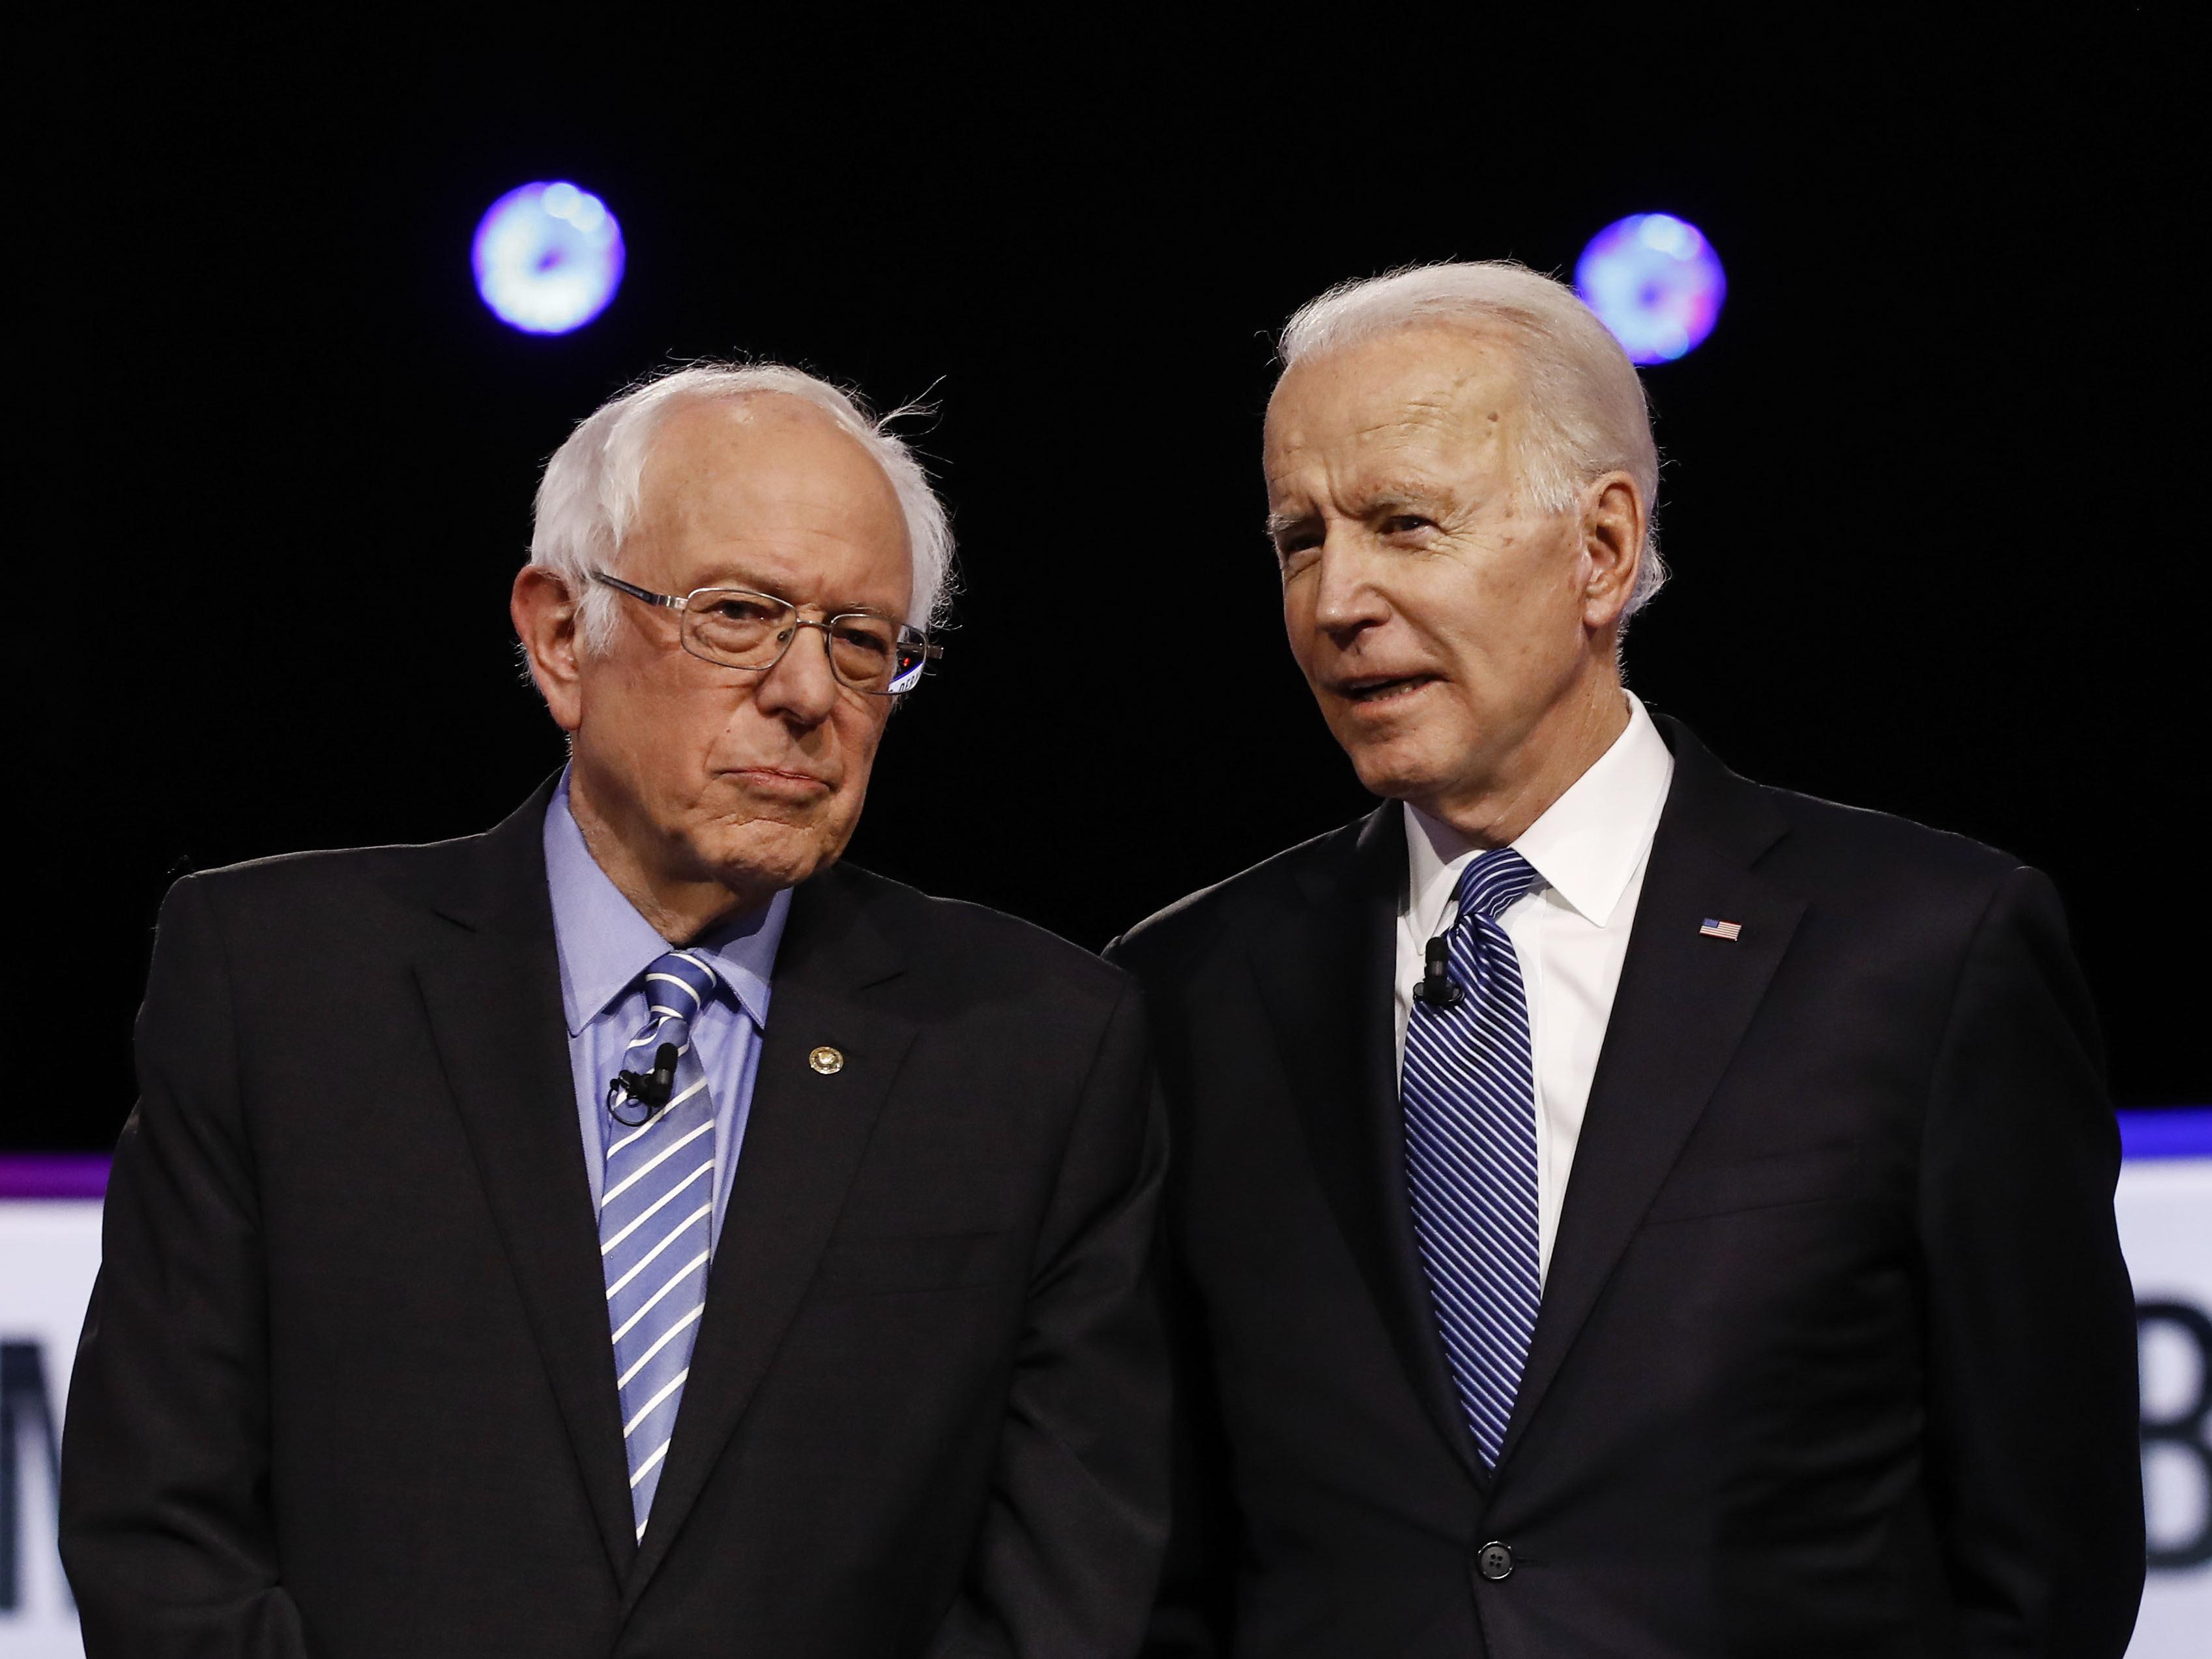 Biden Gets Virus Name Wrong at Debate